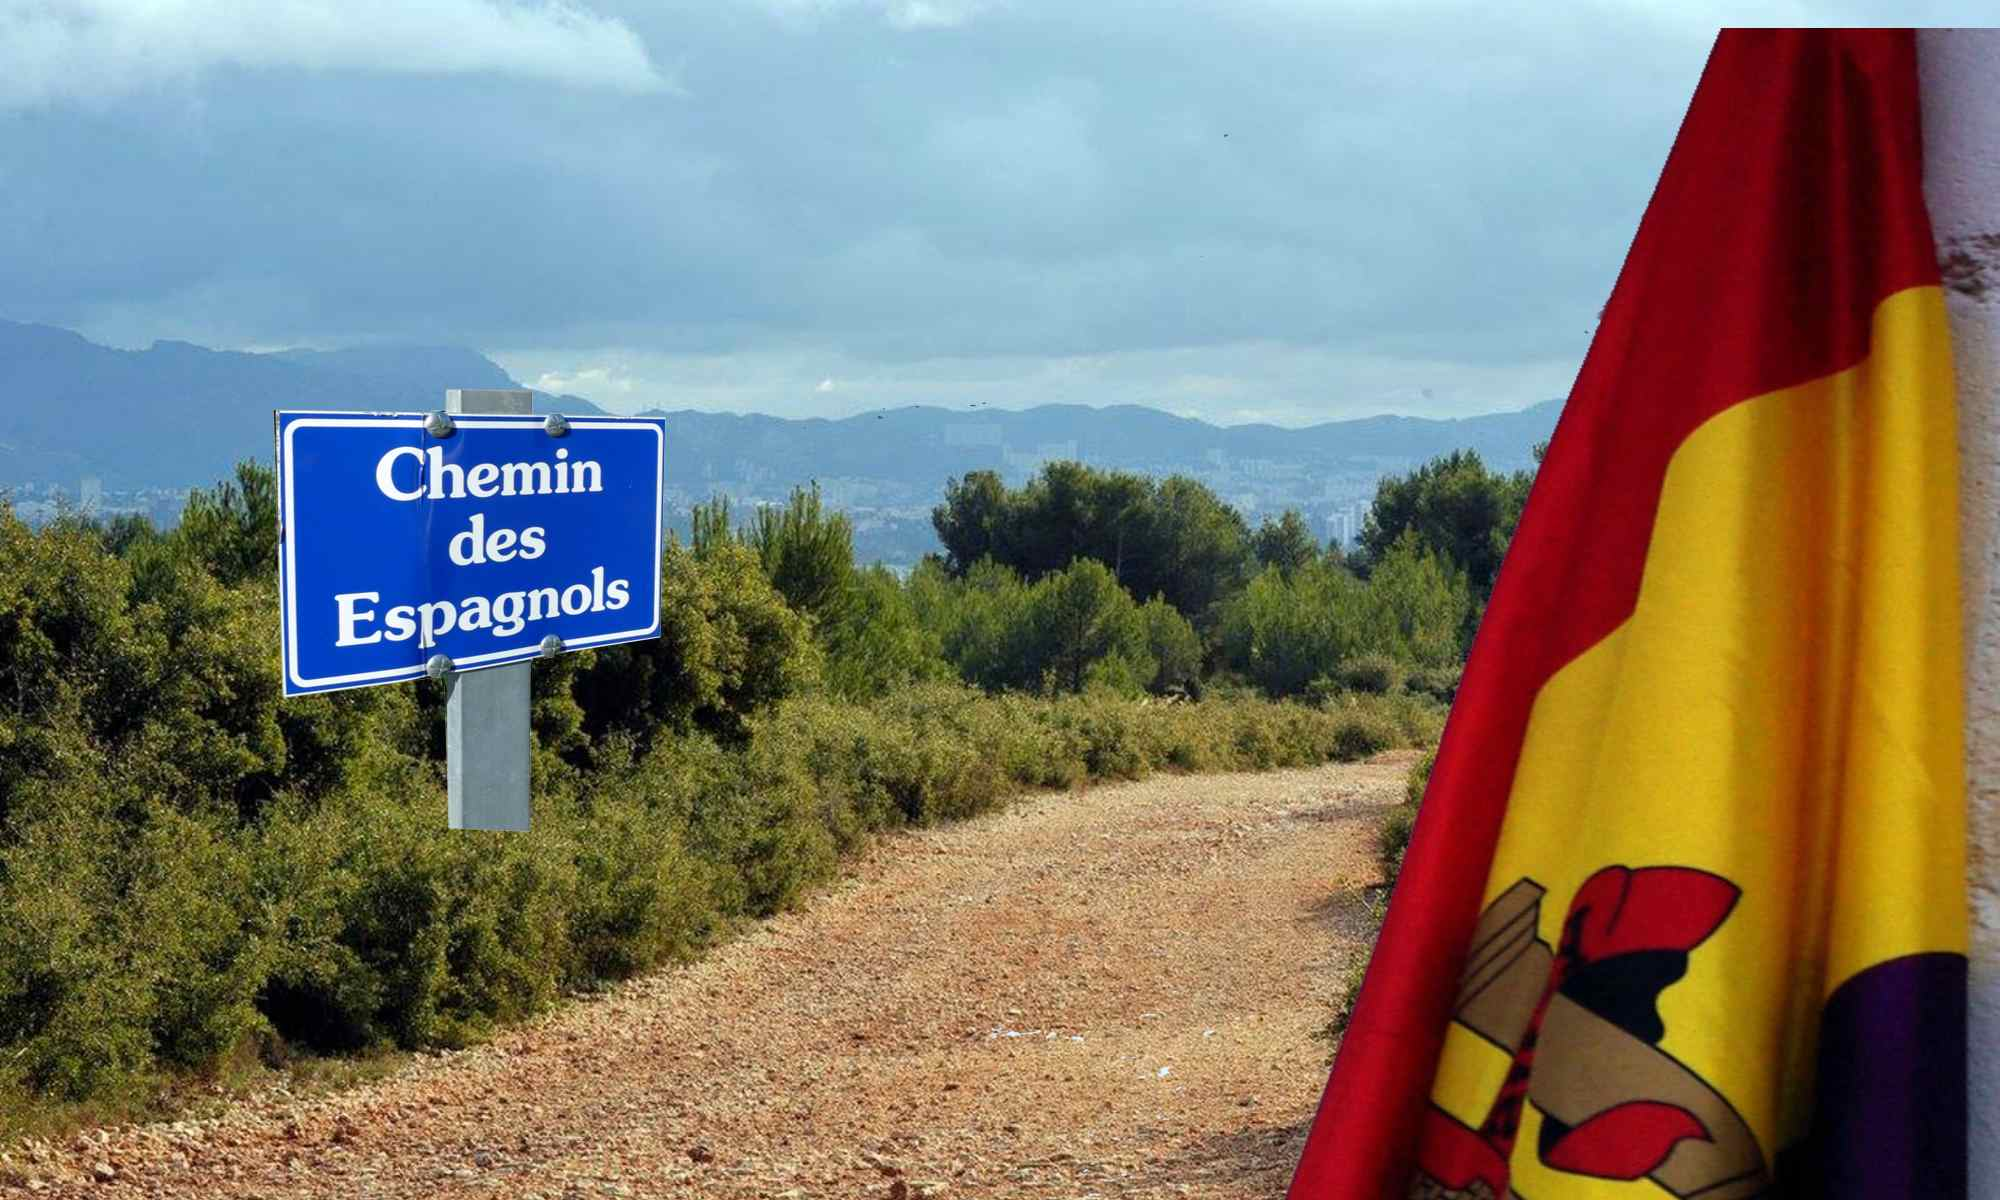 Mémoire de la deuxième République Espagnole